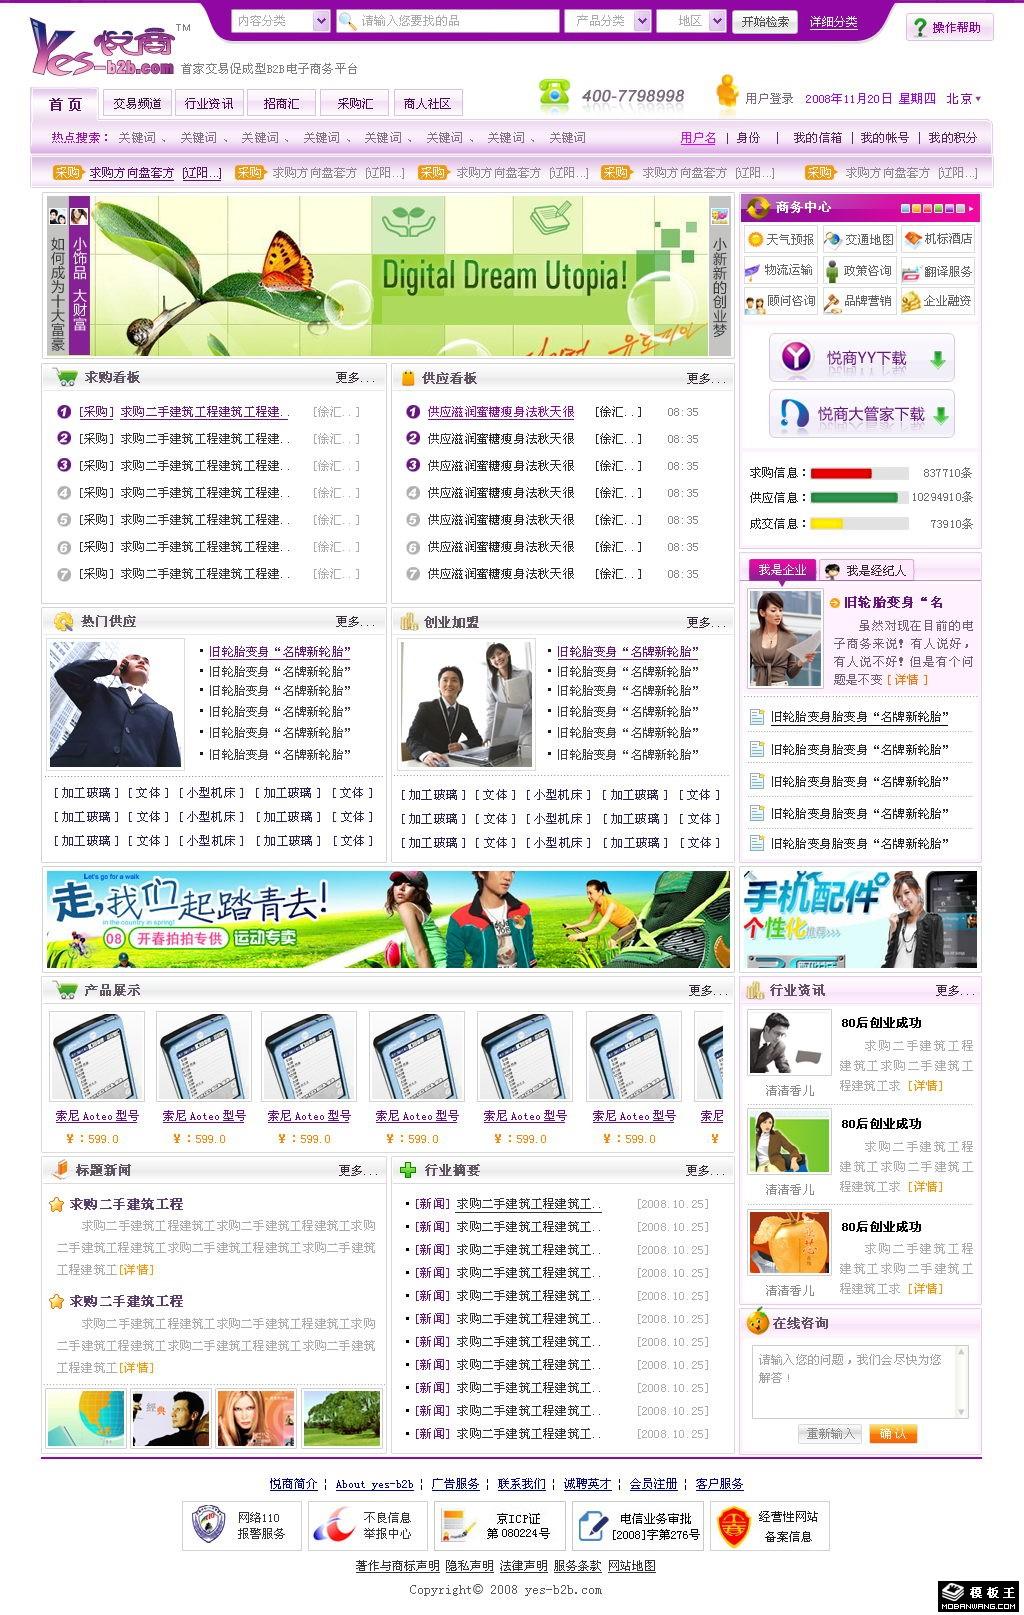 b2b电子商务网站模版模板下载 b2b电子商务网站模版图片下载 b2b 电